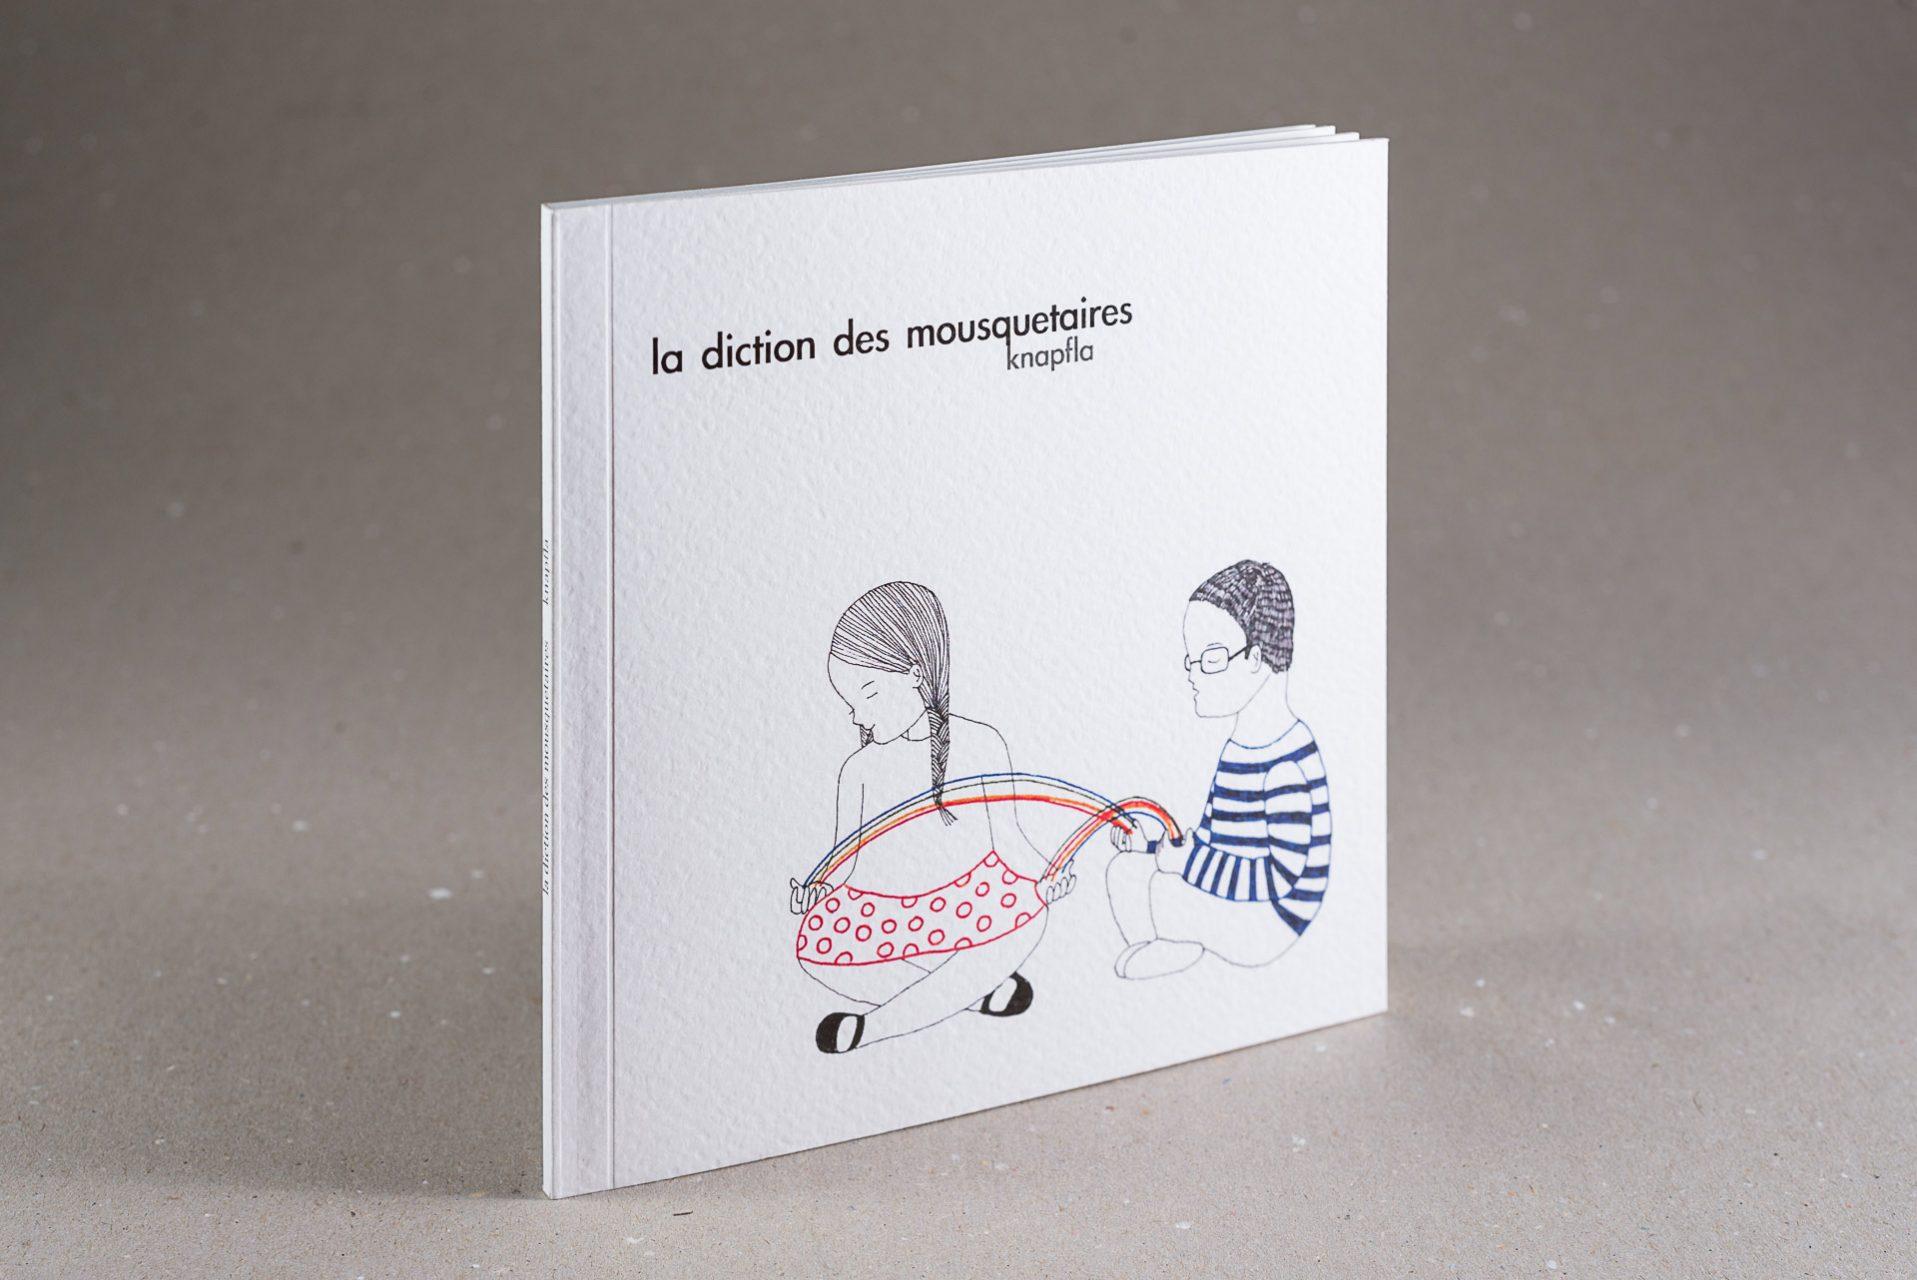 web-hd-nuit-myrtide-livre-la-diction-des-mousquetaires-knapfla-01